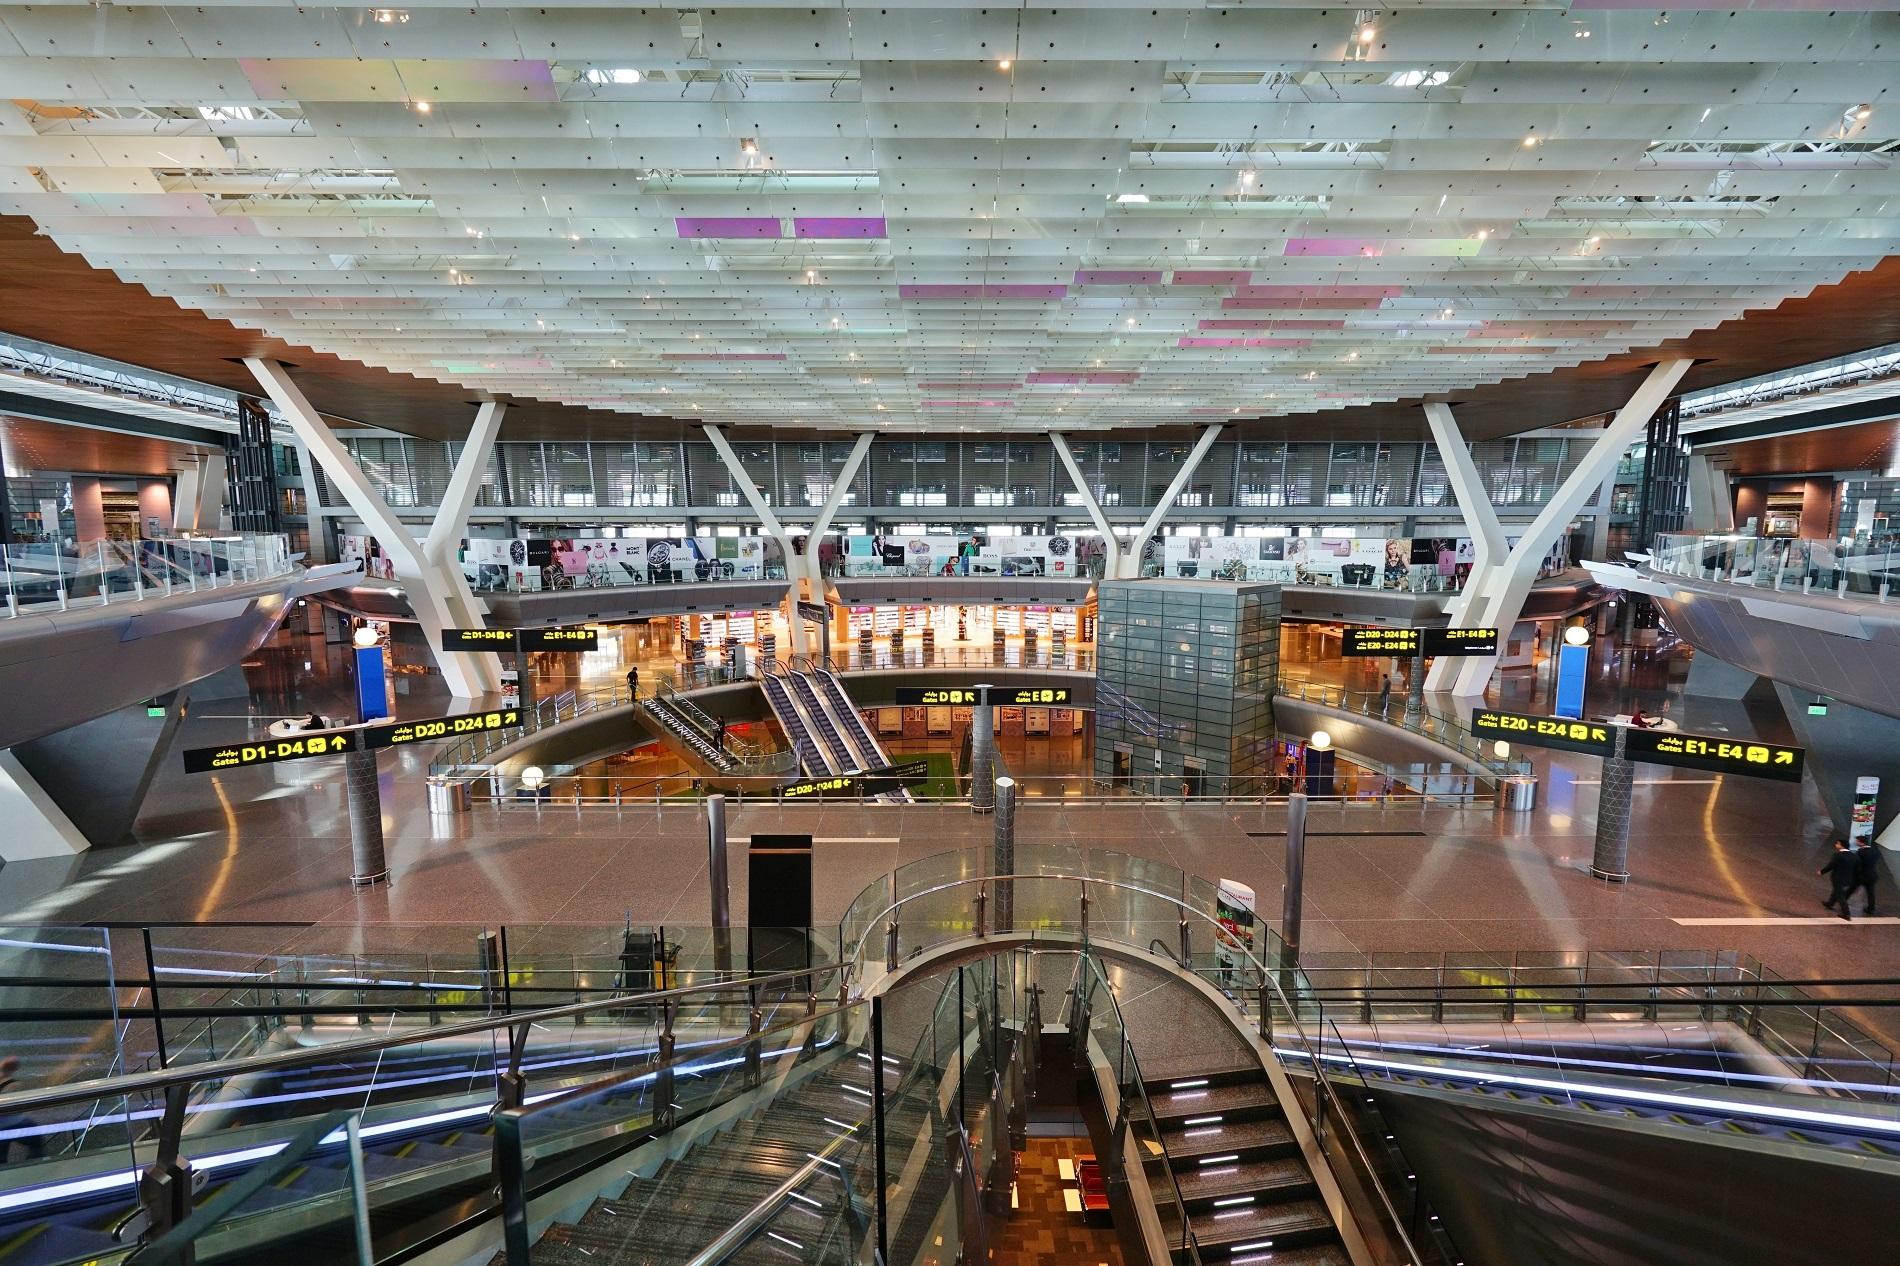 Aeropuerto Internacional Hamad Doha Qatar (2)